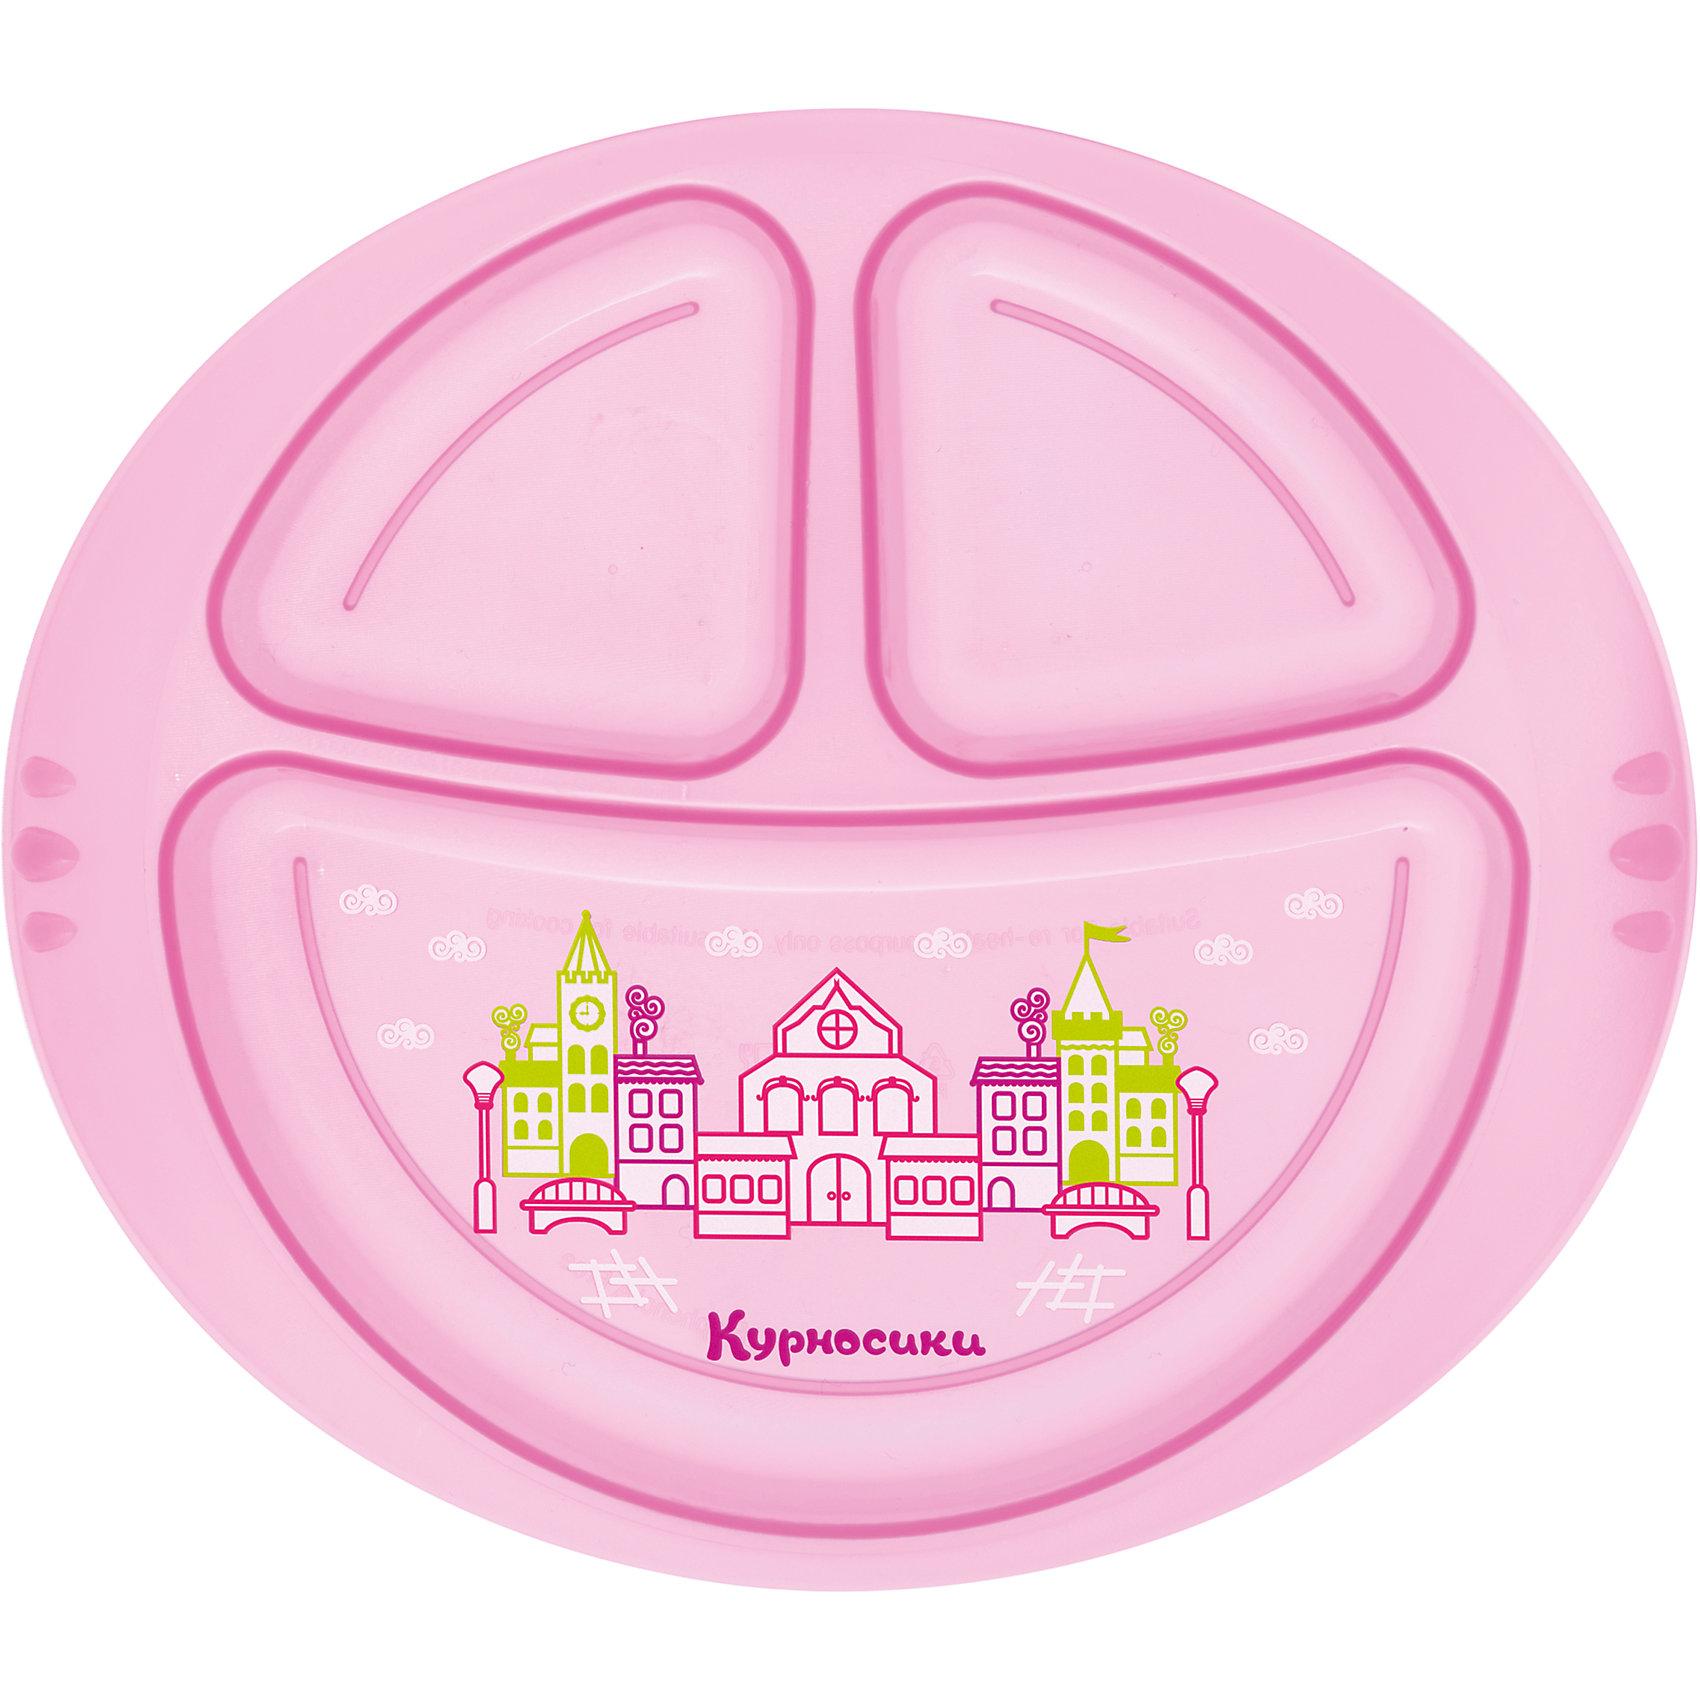 Тарелочка детская трехсекционная, Kurnosiki, розовыйХарактеристики:<br><br>• Предназначение: для кормления<br>• Материал: пластик<br>• Пол: для девочки<br>• Цвет: розовый<br>• Тематика рисунка: сказочный город<br>• Предусмотрено три секции<br>• Можно использовать как для холодных, так и для горячих блюд<br>• Можно использовать для СВЧ<br>• Вес: 90 г<br>• Параметры (Д*Ш*В): 25*3*19 см <br>• Особенности ухода: разрешается мыть в посудомоечной машине<br><br>Тарелочка детская трехсекционная, Kurnosiki, зеленый выполнена из безопасного и ударопрочного пластика, устойчивого к появлению царапин и сколов. Три секции позволяют использовать тарелочку для различных блюд одновременно. Секции глубокие с высокими перегородками, что будет препятствовать смешиванию различных блюд.<br><br>Дно самой большой секции оформлено сюжетной картинкой с изображением сказочного города. Изделие выполнено в ярком цвете, имеет компактный размер и легкий вес, поэтому его удобно брать с собой в длительные поездки, на пикники или в путешествия. <br><br>Тарелочку детскую трехсекционную, Kurnosiki, зеленый можно купить в нашем интернет-магазине.<br><br>Ширина мм: 210<br>Глубина мм: 30<br>Высота мм: 230<br>Вес г: 106<br>Возраст от месяцев: 4<br>Возраст до месяцев: 36<br>Пол: Женский<br>Возраст: Детский<br>SKU: 5428728